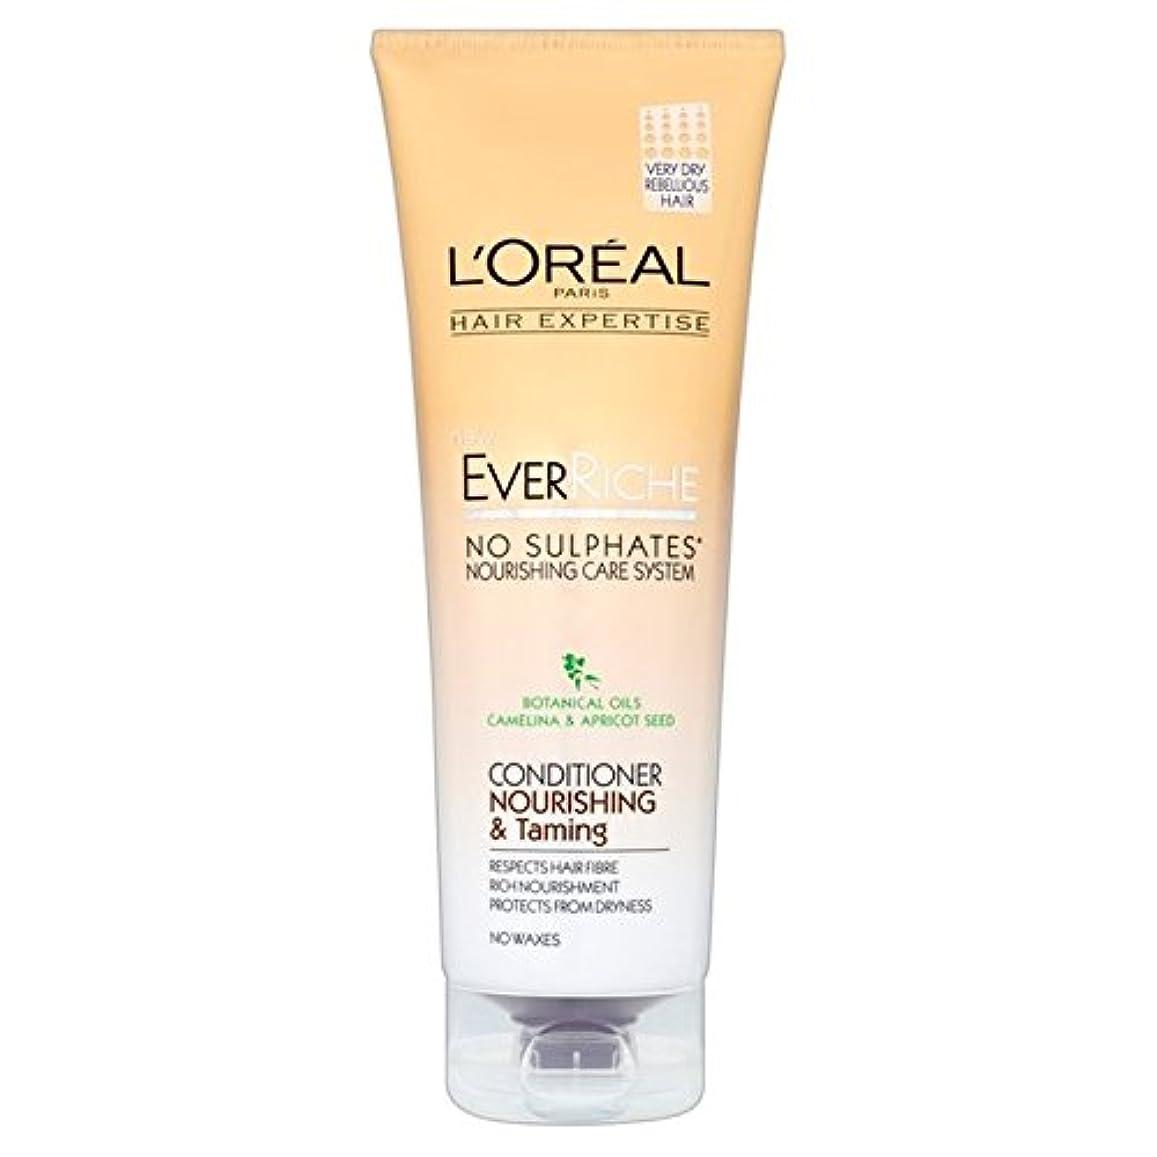 ペネロペ男らしい感謝するL'Oreal Hair Expertise Ever Riche Conditioner Nour & Taming 250ml (Pack of 6) - ロレアルの髪の専門知識、これまでリッシュコンディショナーヌール...